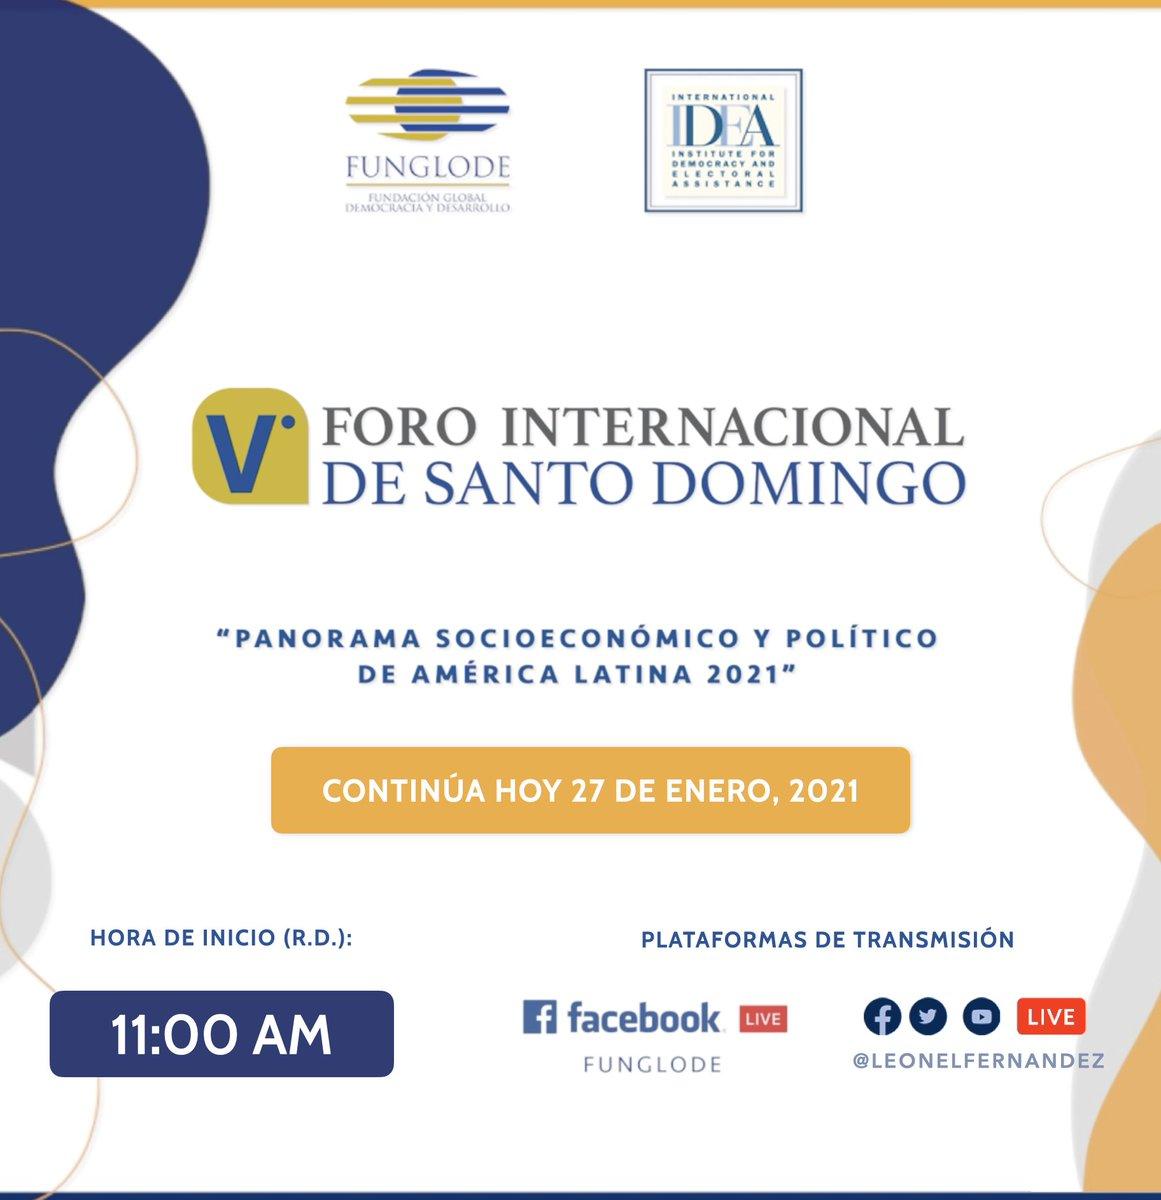 Hoy miércoles 27, a partir de las 11:00 a.m., continuamos con las sesiones de trabajo virtuales del V Foro Internacional de Santo Domingo, que organiza @FUNGLODE e @Int_IDEA.   Les invito a sintonizar a través de nuestras plataformas digitales.  #VForoDeSantoDomingo  #ForoLAC2021 https://t.co/WW5yxTF9tK